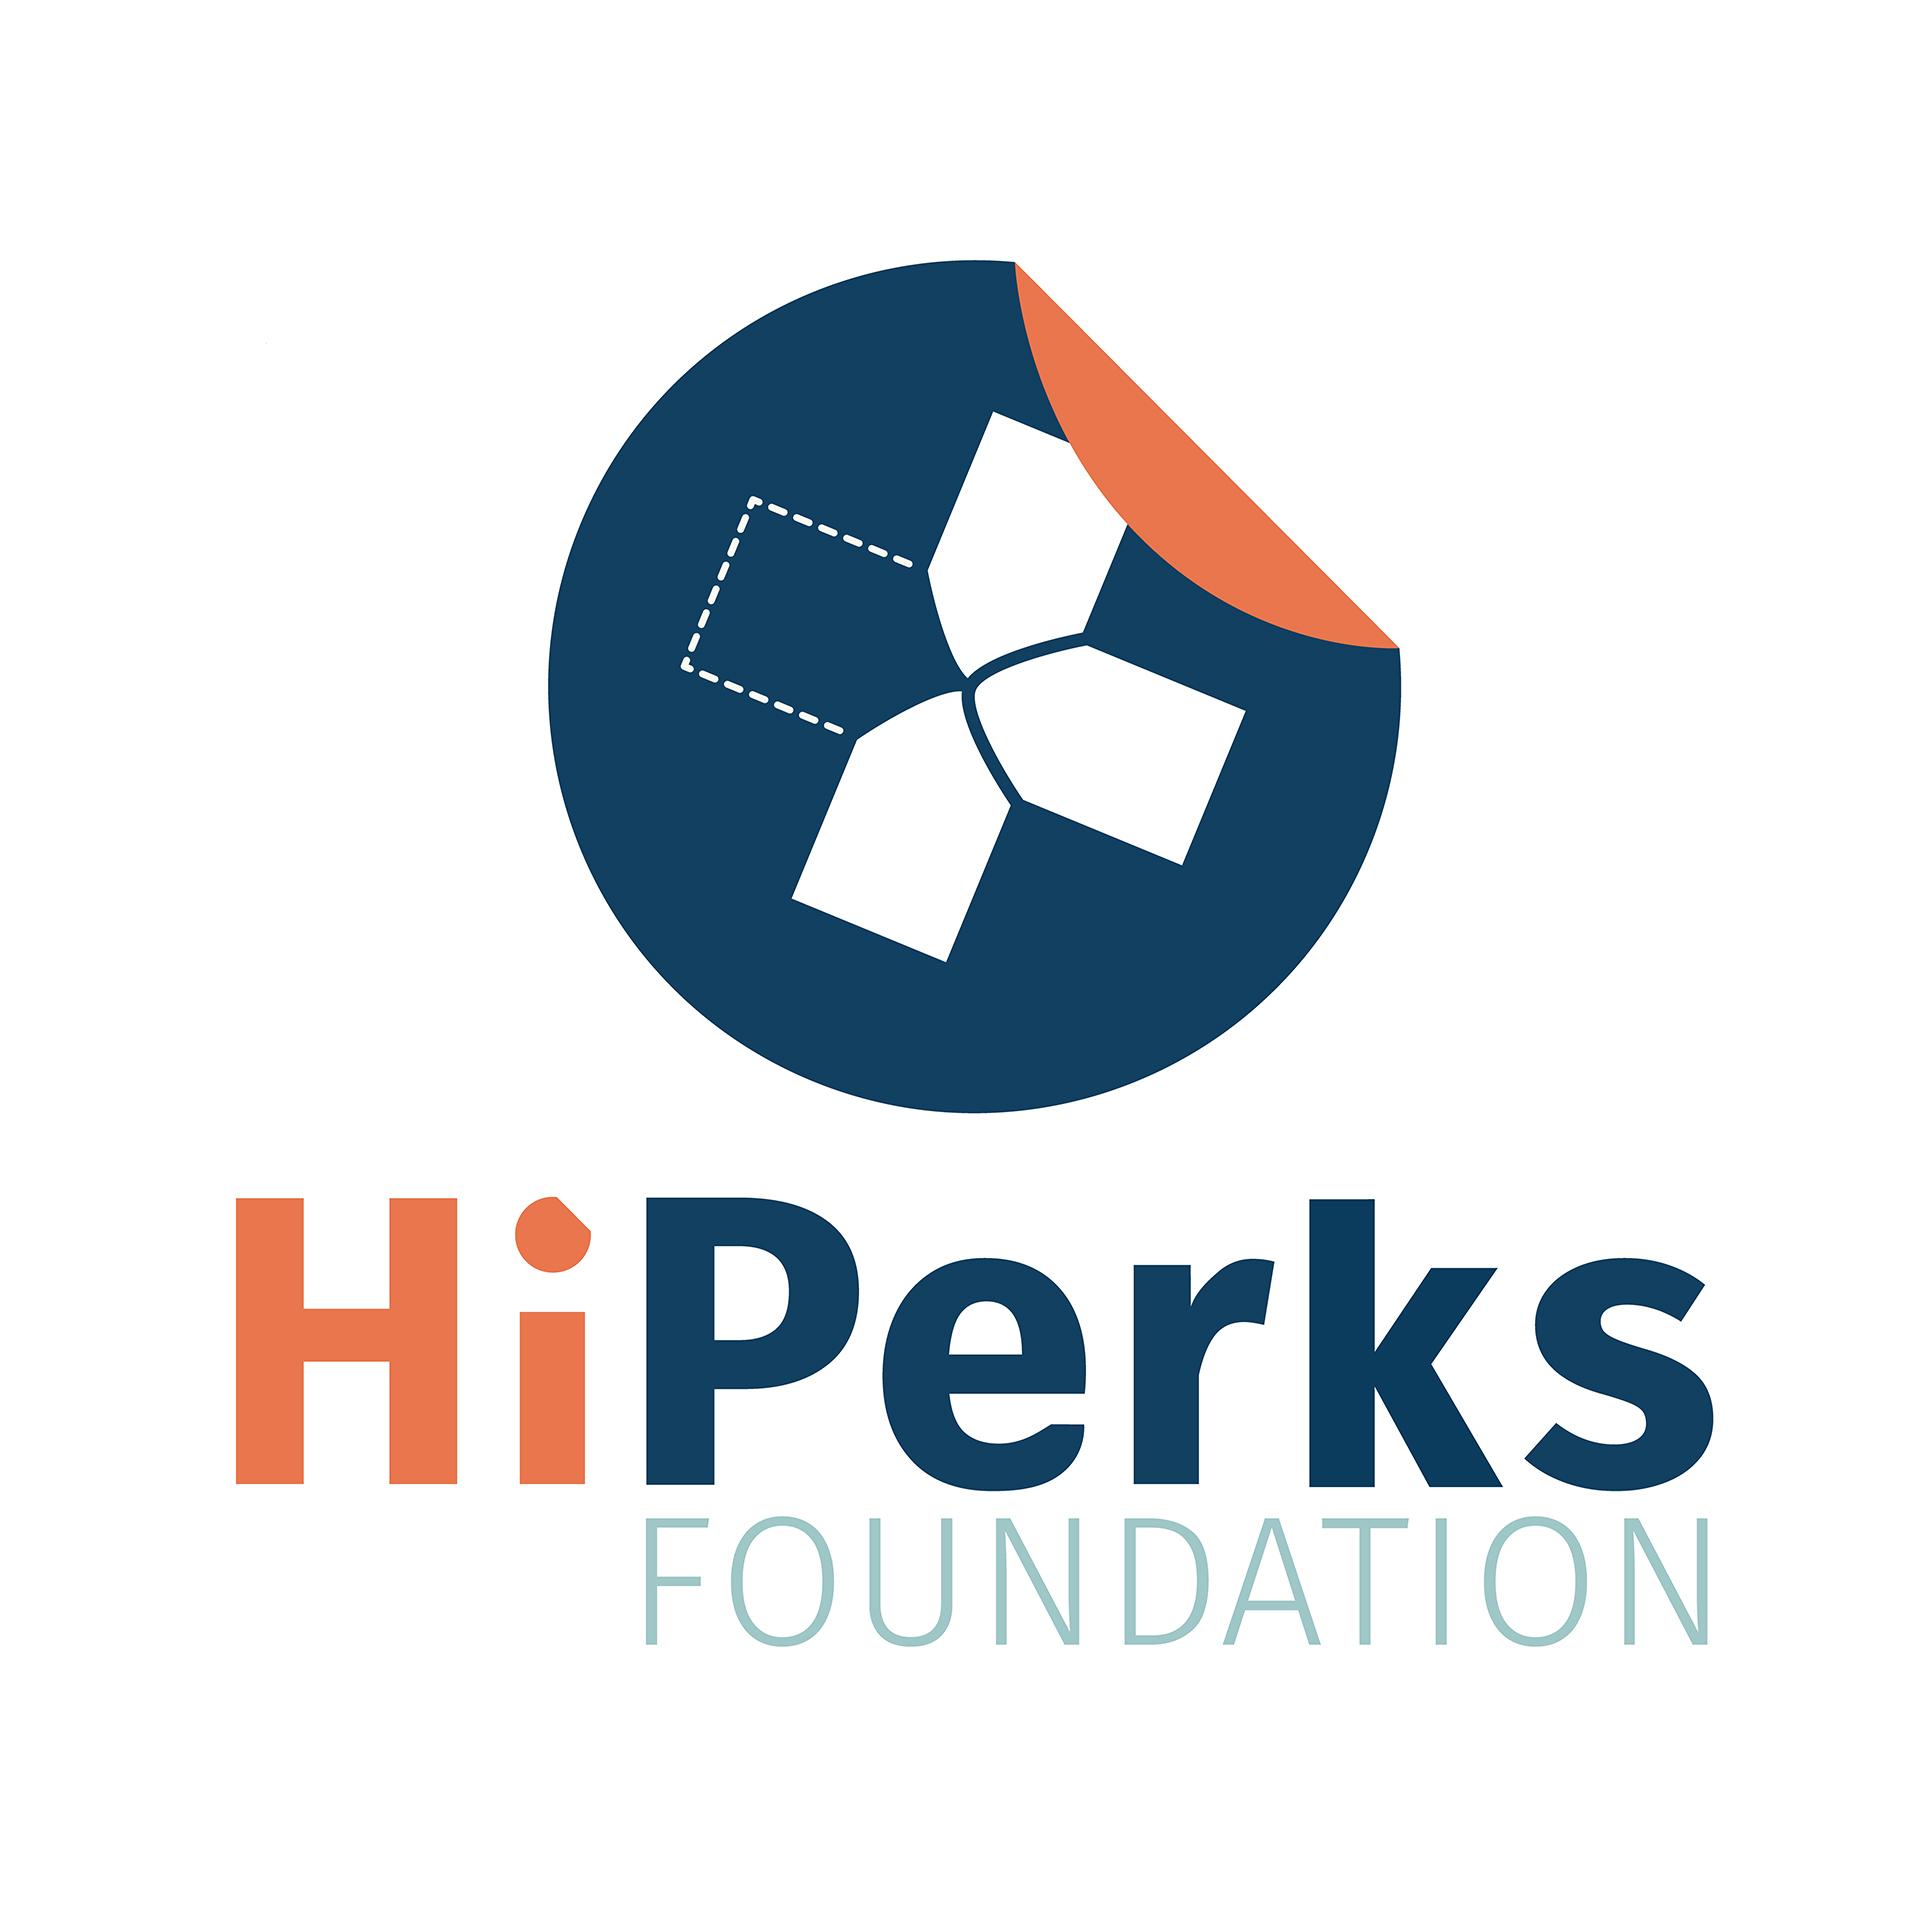 HiPerks Foundation